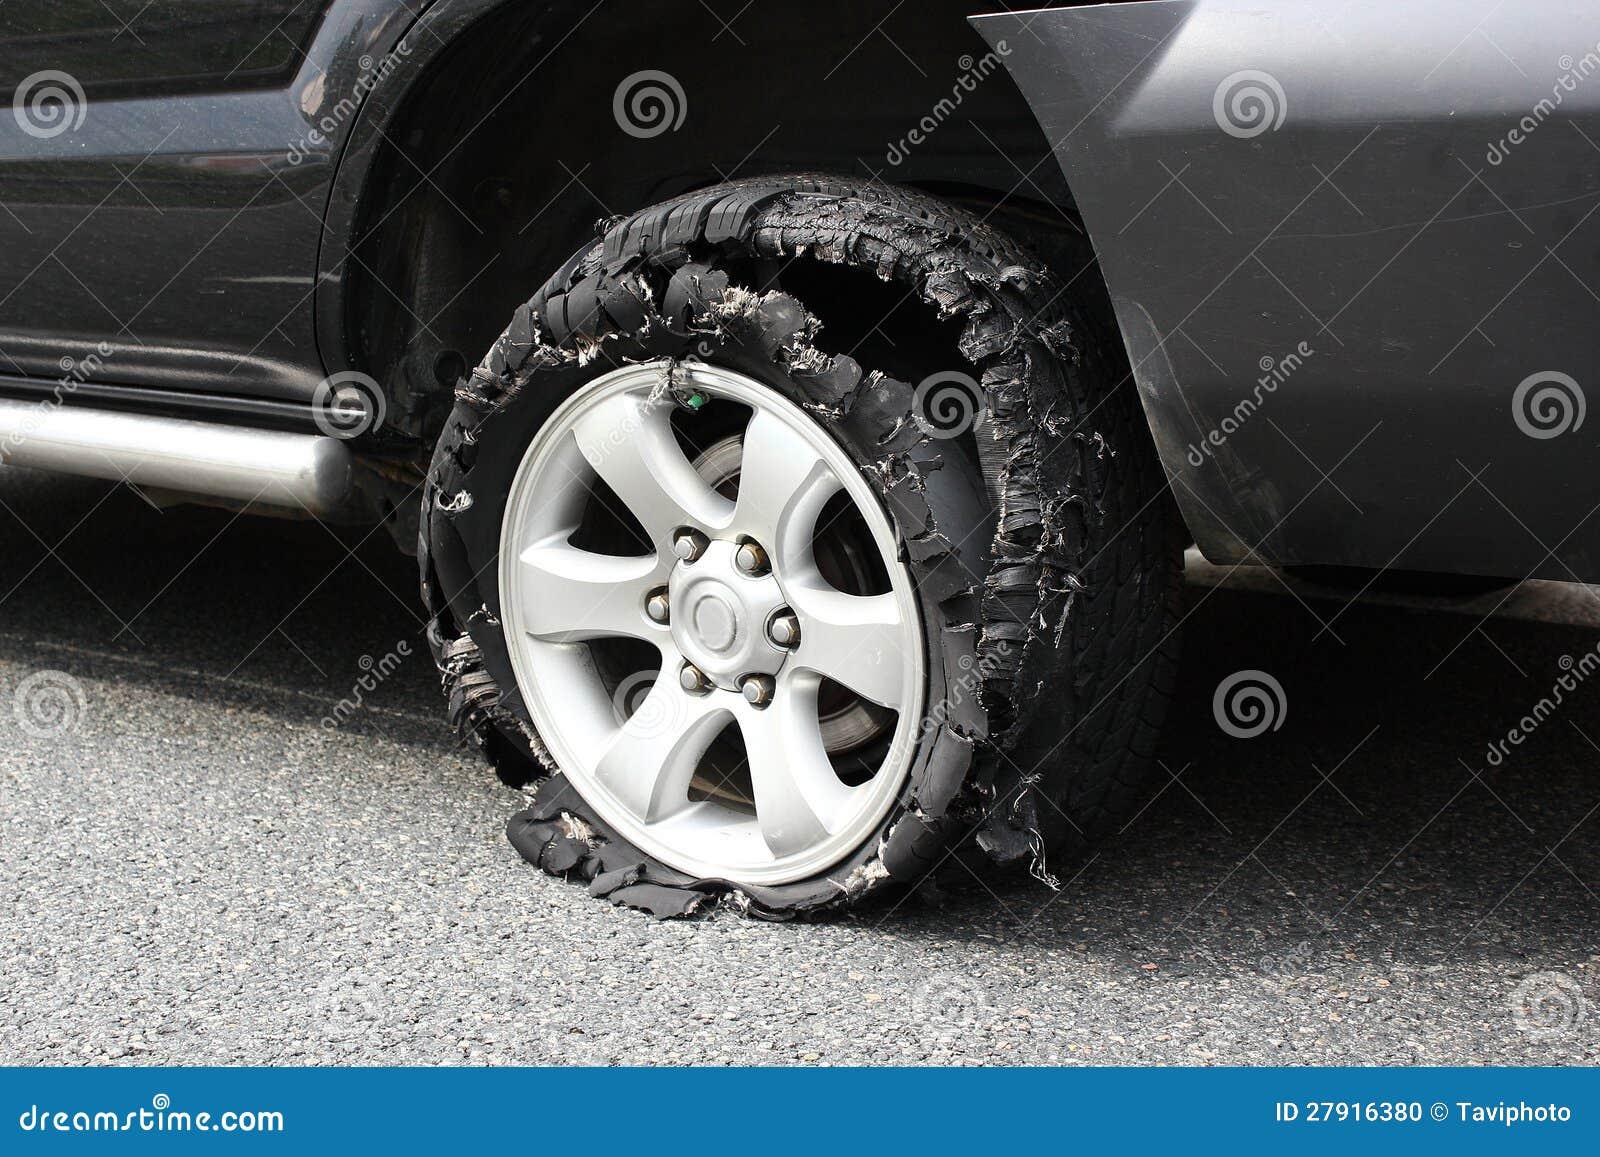 http://thumbs.dreamstime.com/z/pneu-%C3%A9clat%C3%A9-de-camion-27916380.jpg